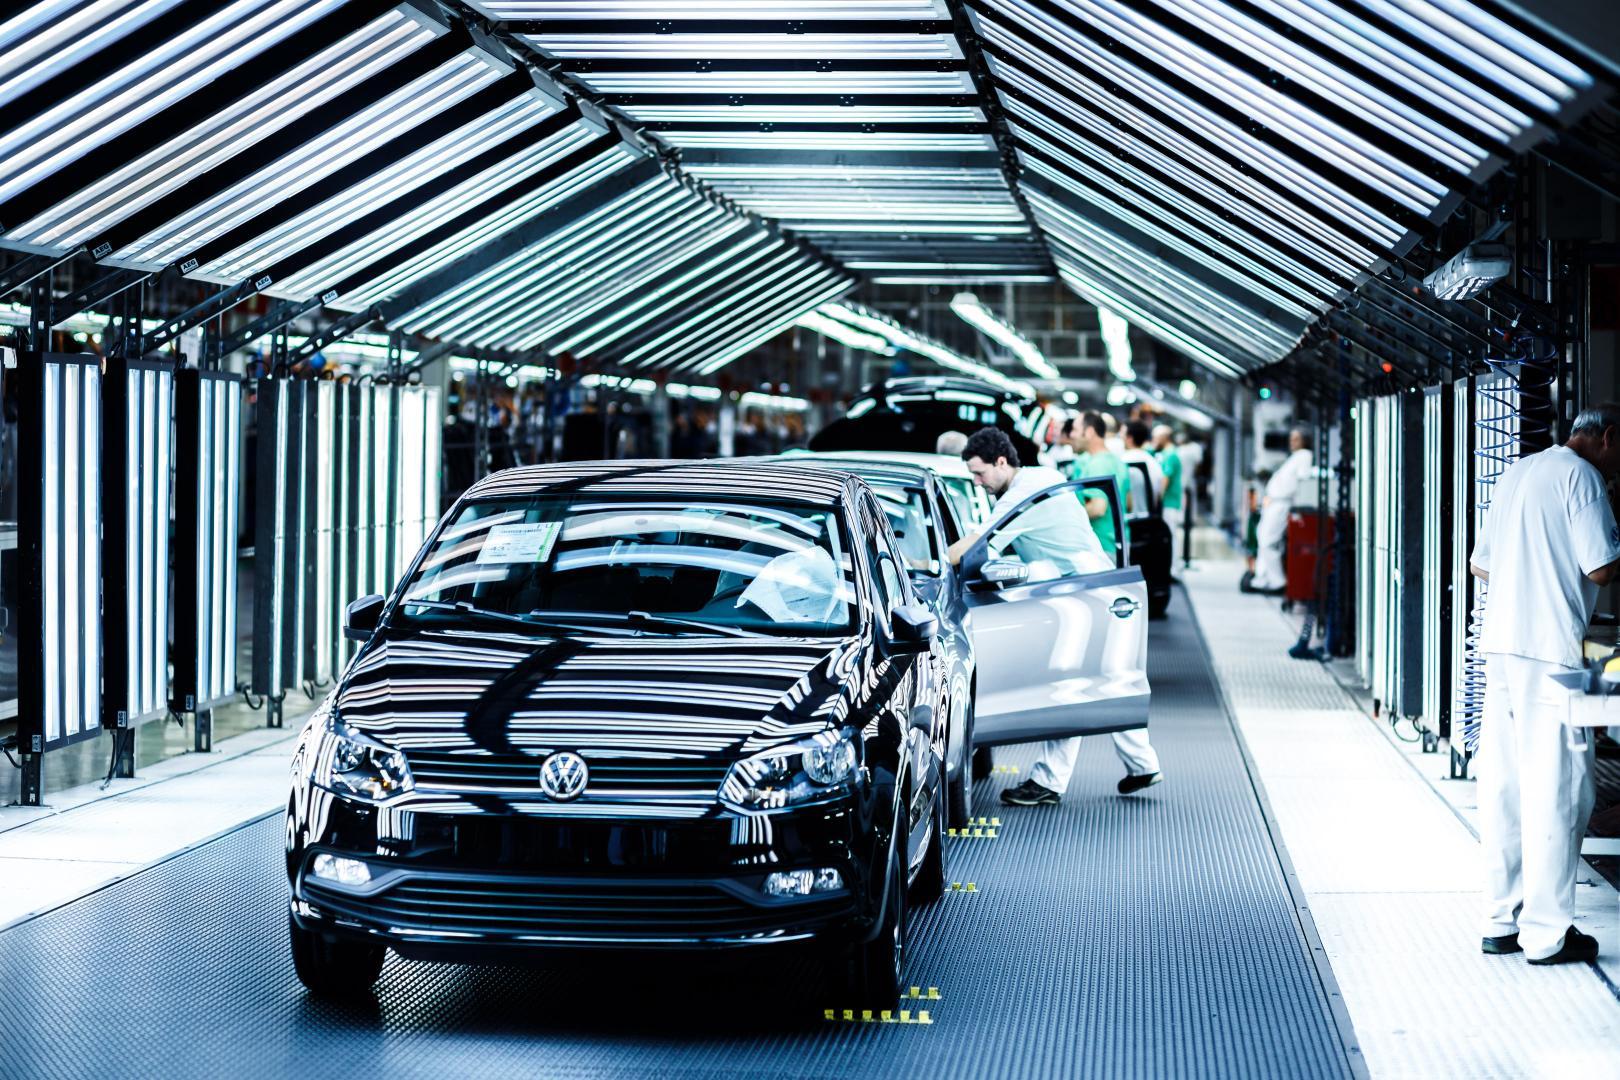 Volkswagen Polo, ¿el coche más importante de España?